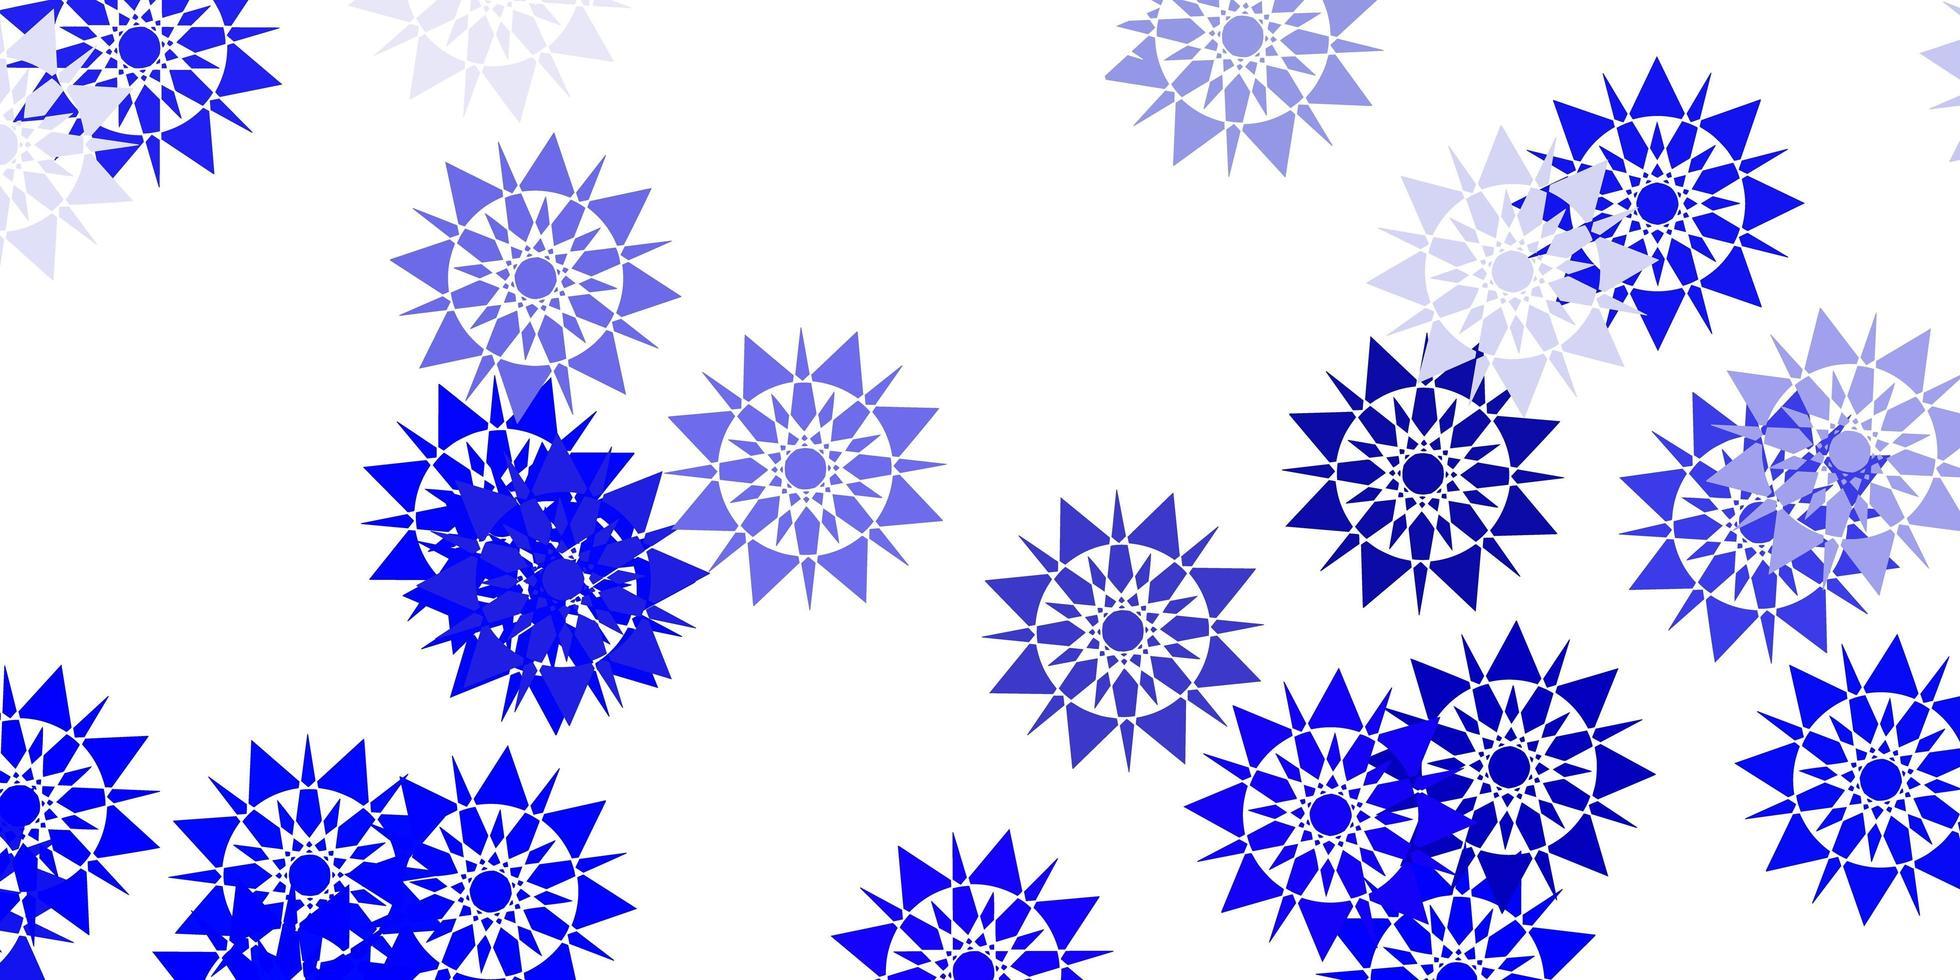 padrão de luz azul com flocos de neve coloridos. vetor